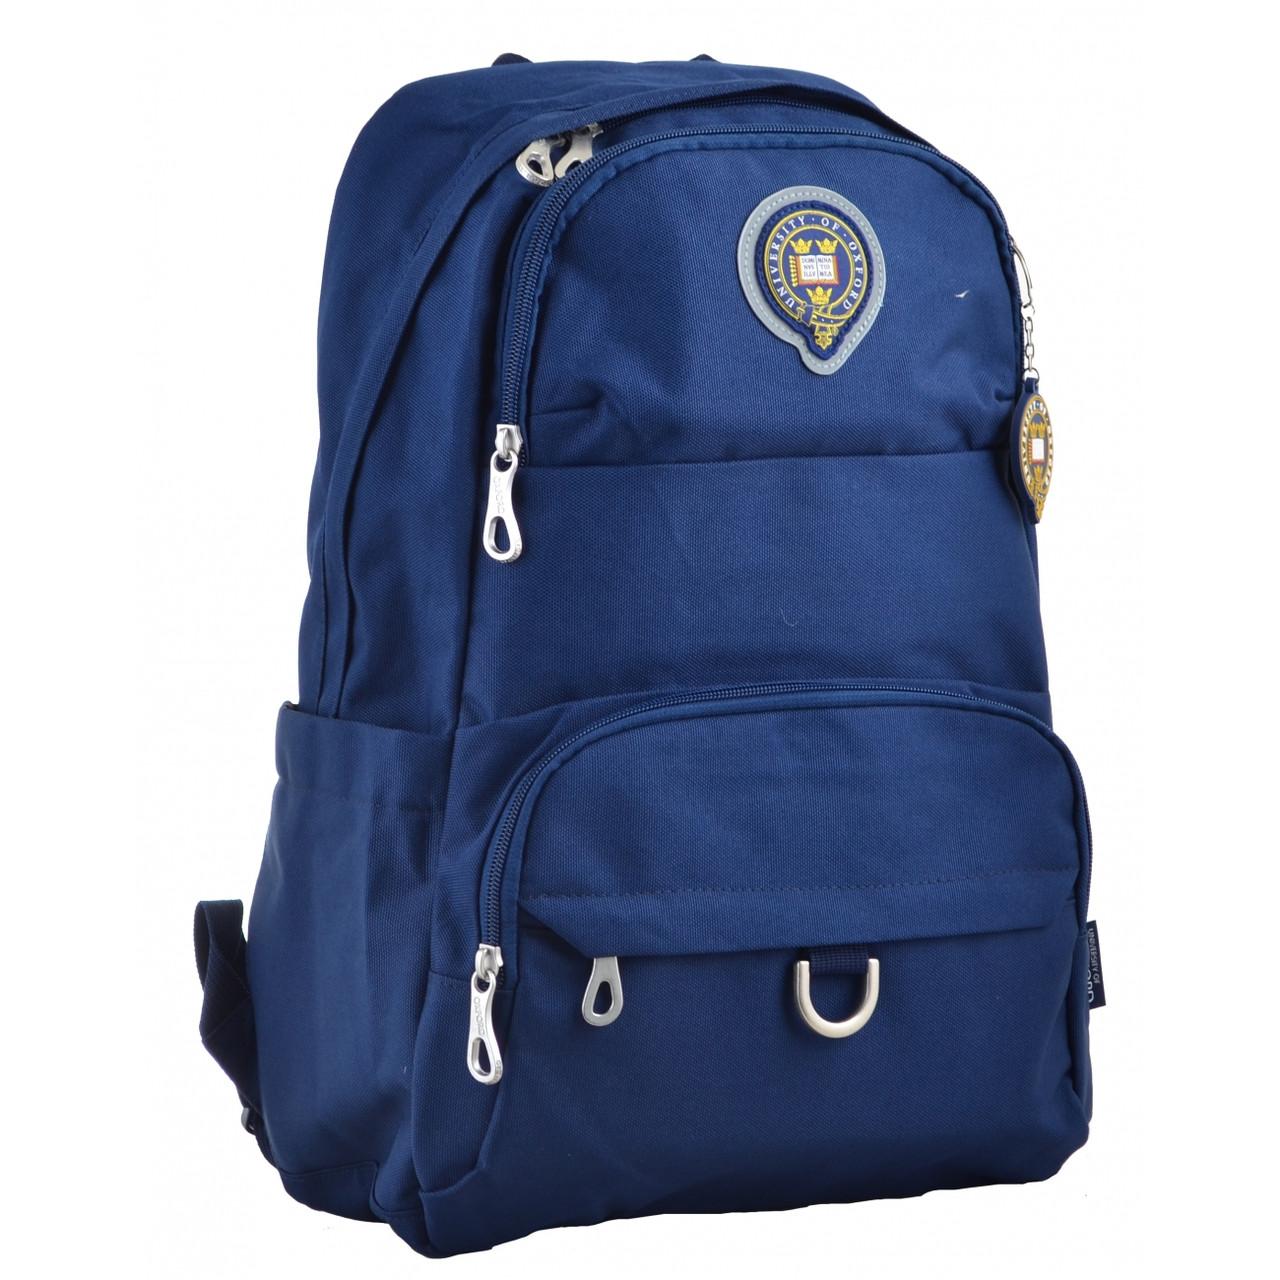 Рюкзак молодежный OX 355, 45.5*29.5*13.5, синий